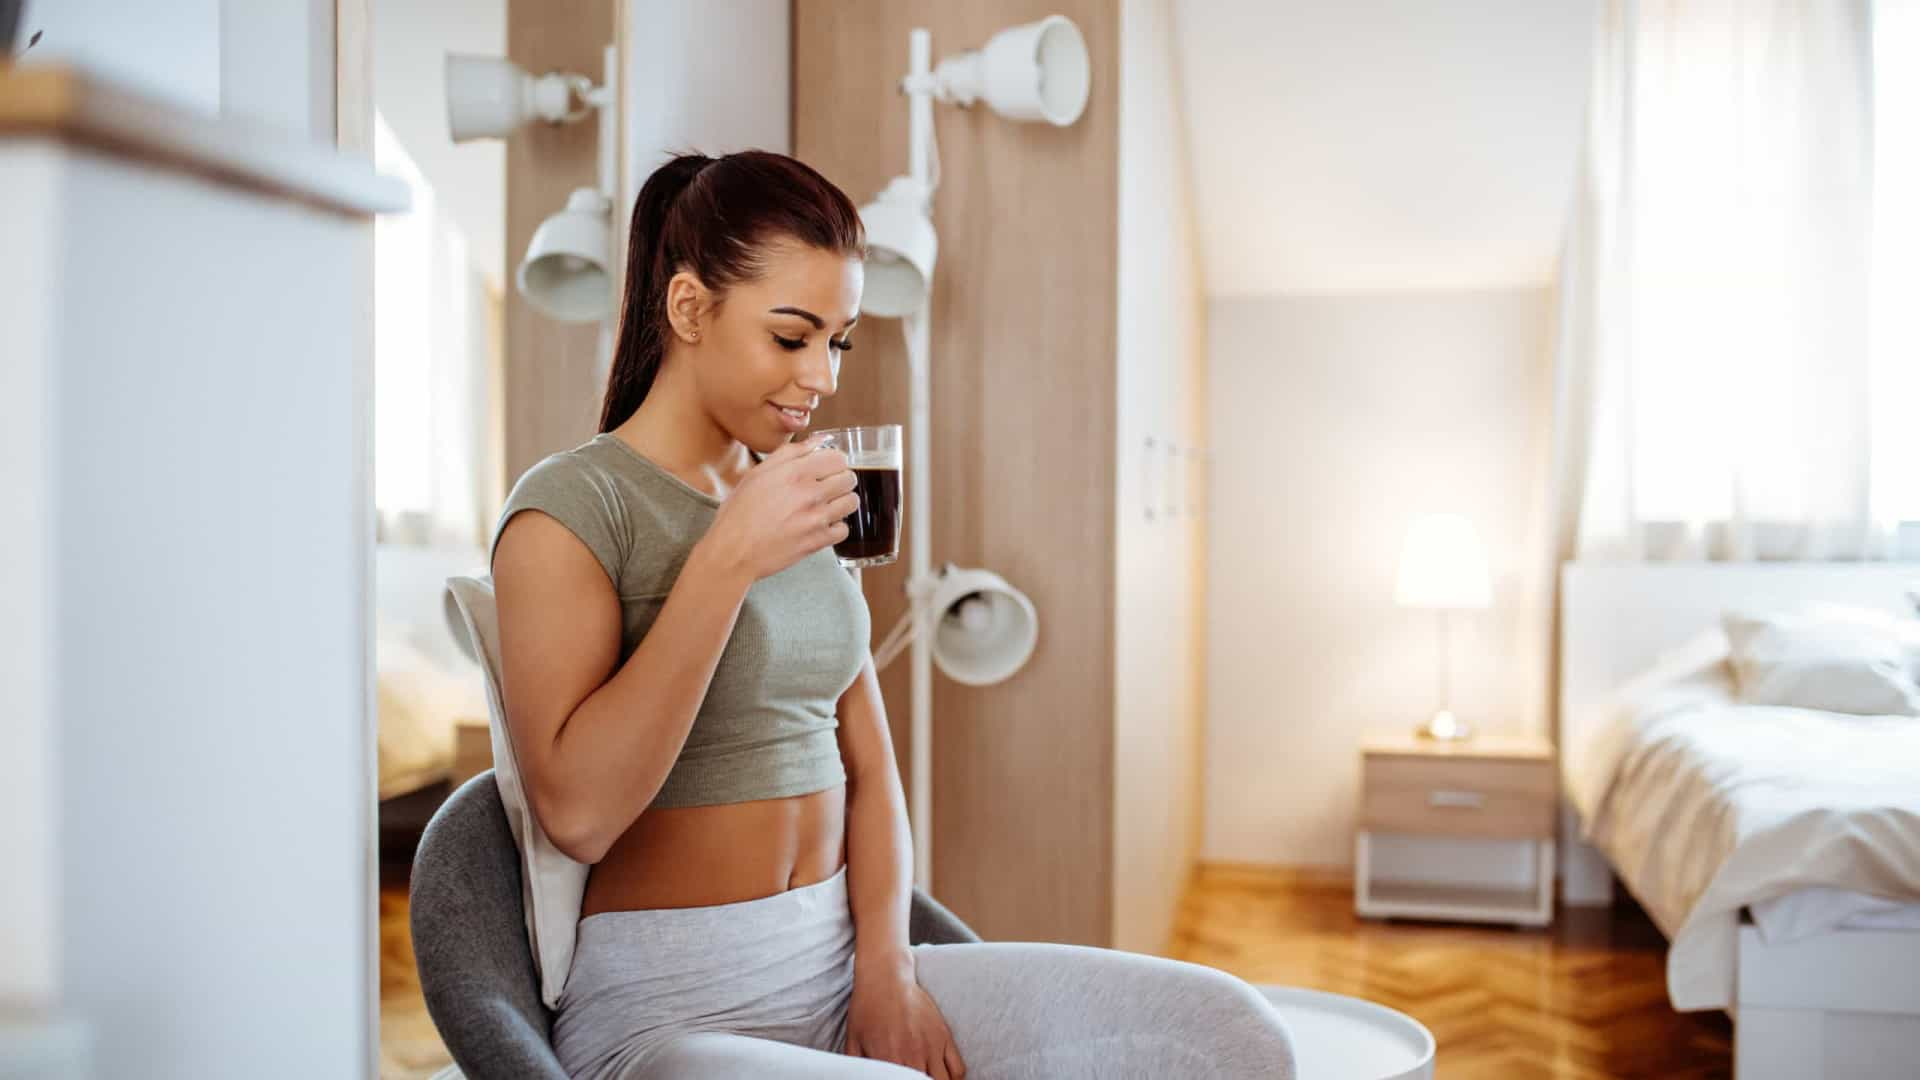 Seis formas de tornar seu café mais saudável (de acordo com a ciência)